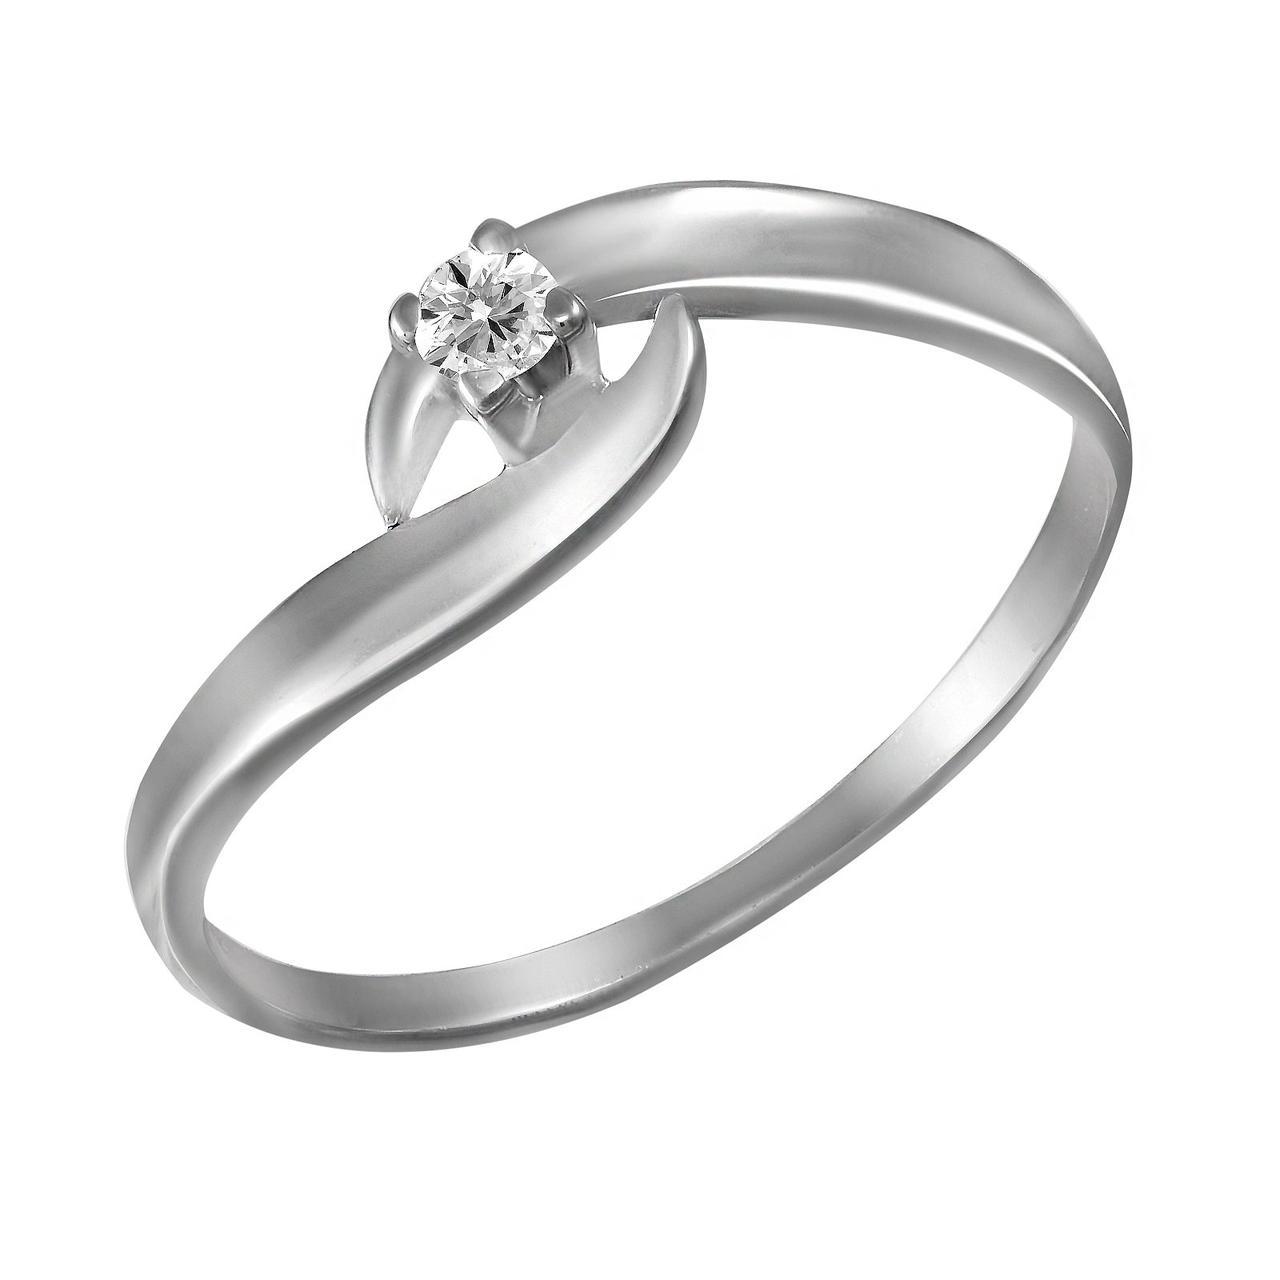 Золотое кольцо с бриллиантом, размер 16 (703215)